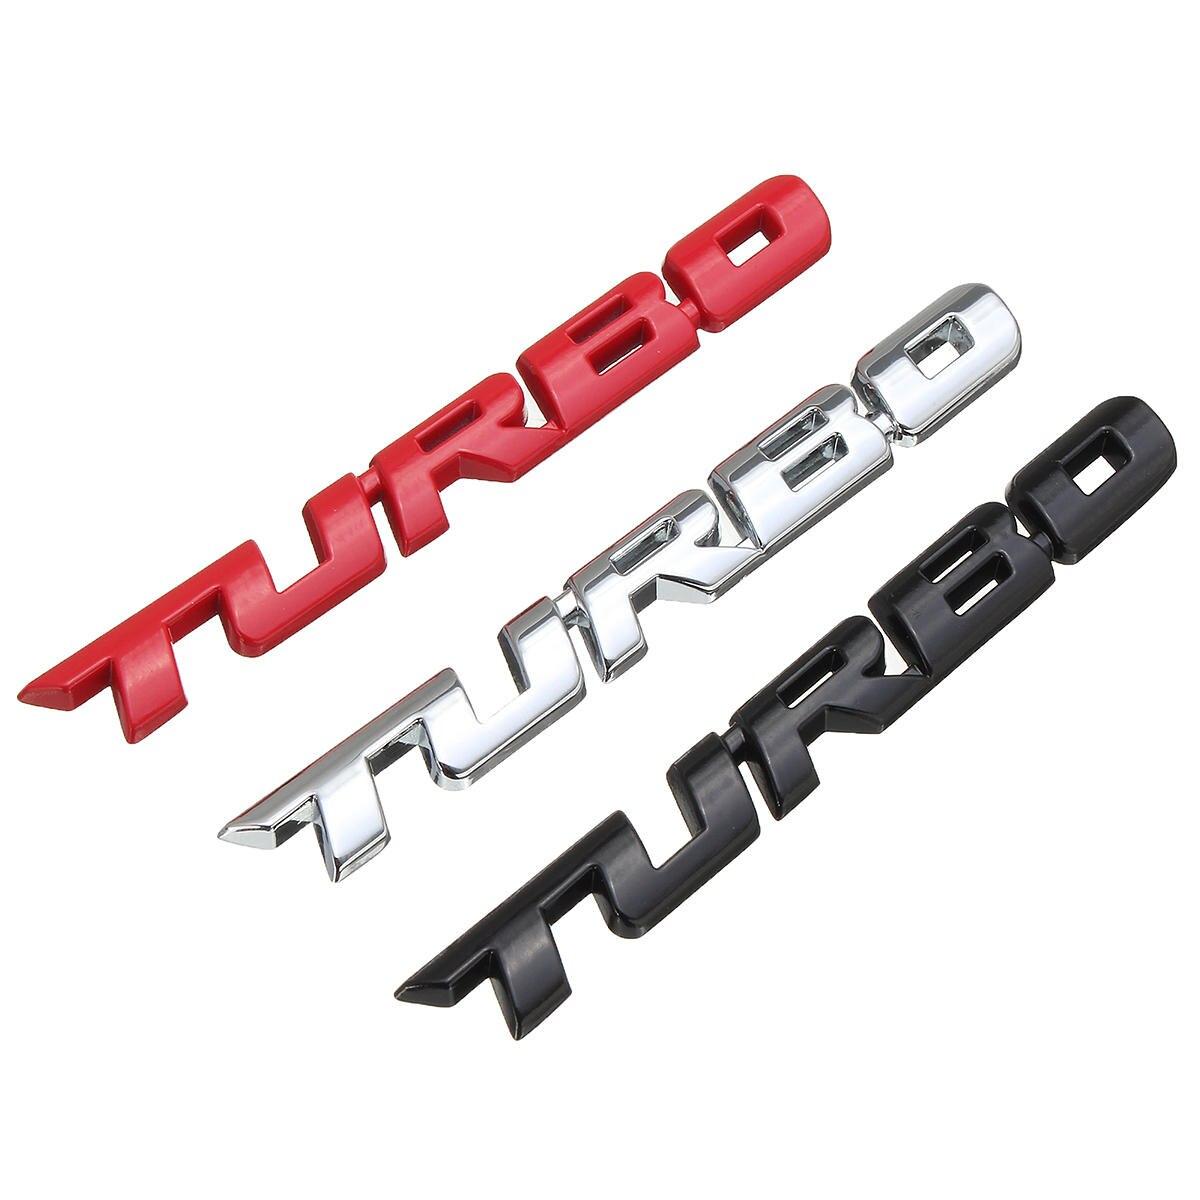 Бренд 3D автомобильный Стайлинг Наклейка металлическая эмблема турбо задний значок задней двери для Ford Focus 2 3 ST RS Fiesta Mondeo Tuga Ecosport Fusion